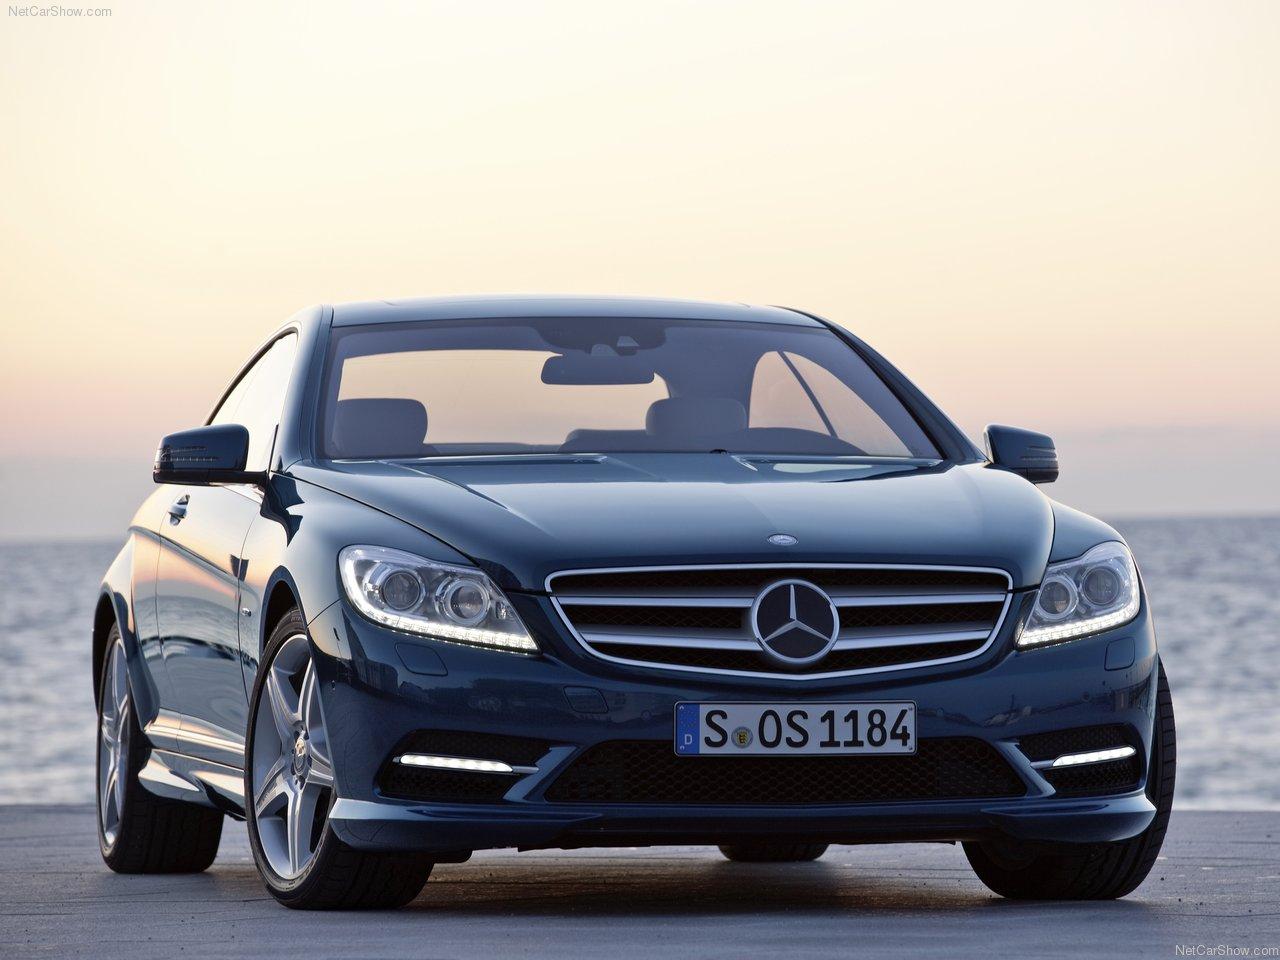 http://2.bp.blogspot.com/-xyfIcSUGJ4M/TfDw9eqyfFI/AAAAAAAABaU/f_WkR13CvOY/s1600/Mercedes-Benz-CL-Class_2011_1280x960_wallpaper_03.jpg